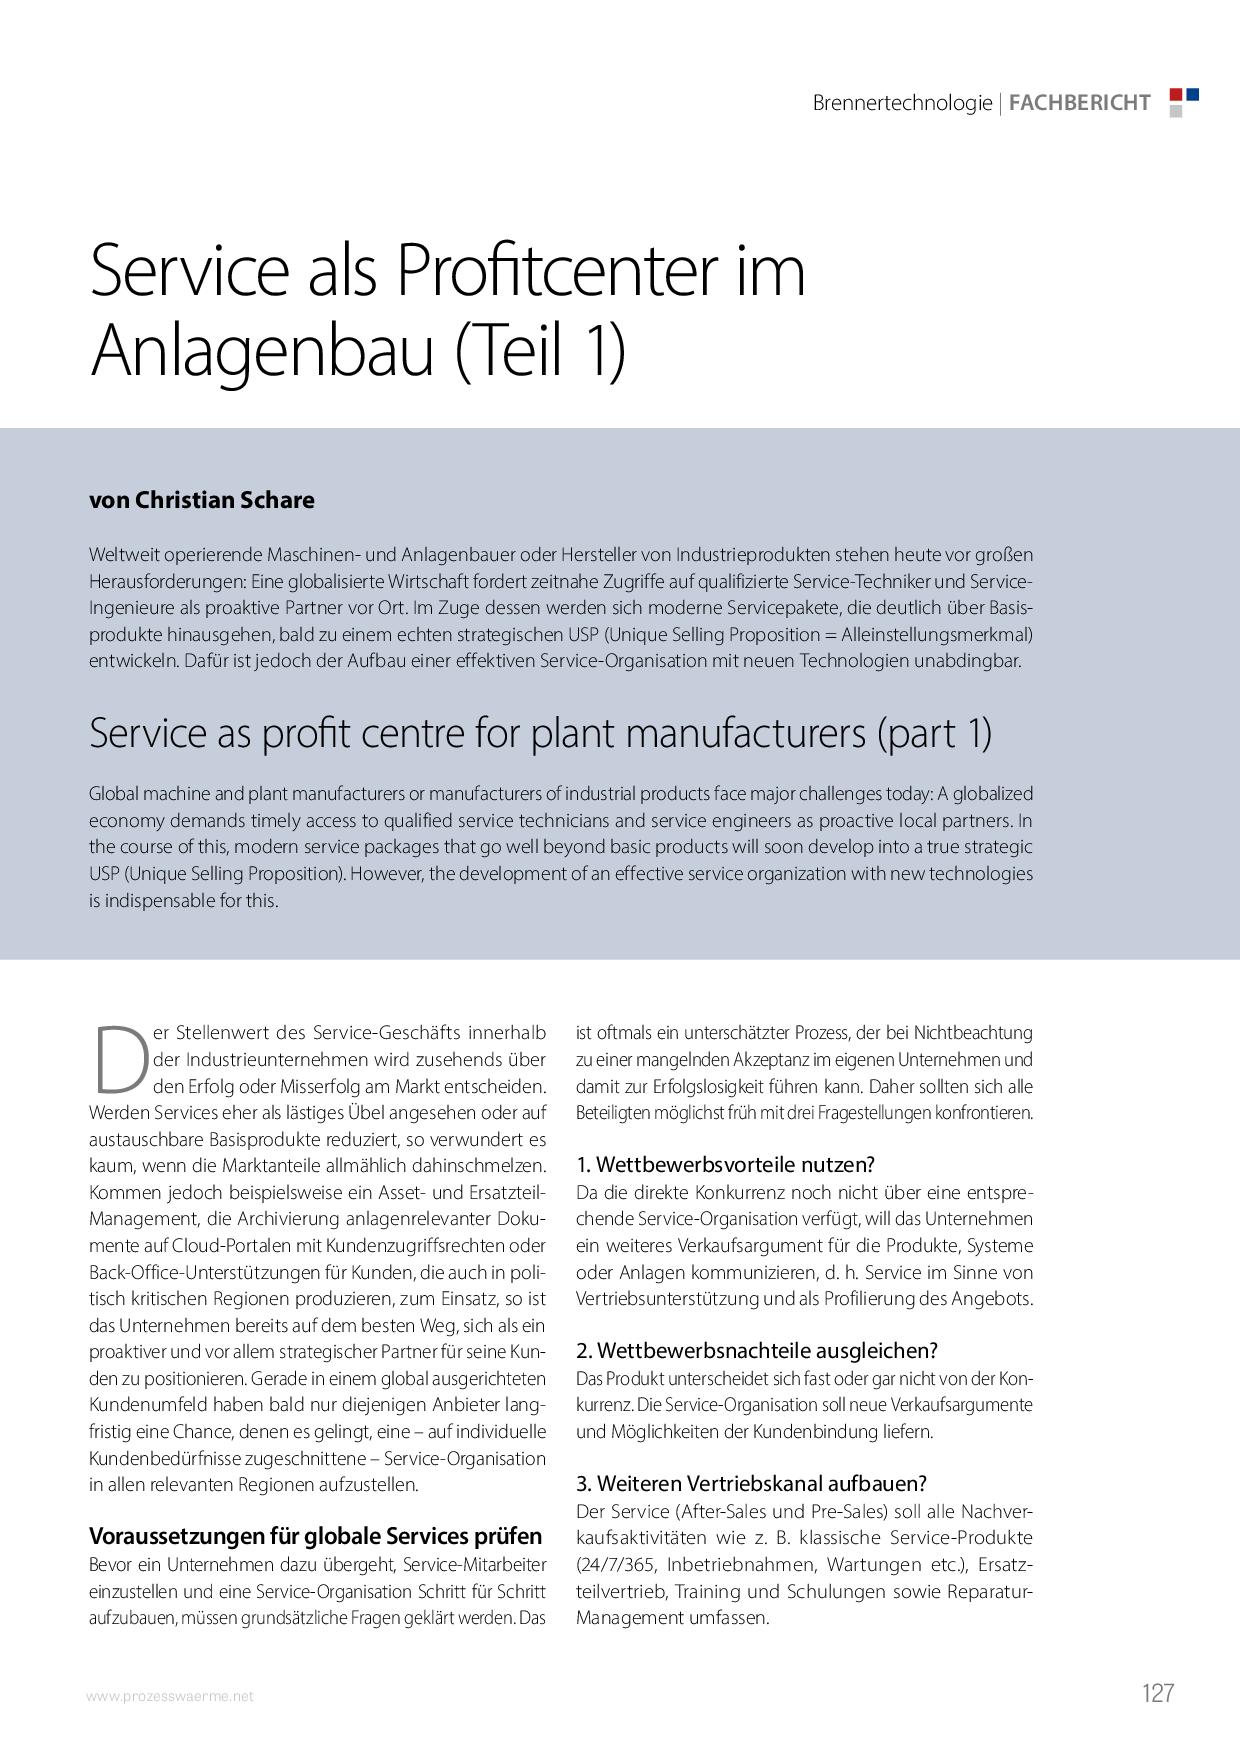 Service als Profitcenter im Anlagenbau (Teil 1)